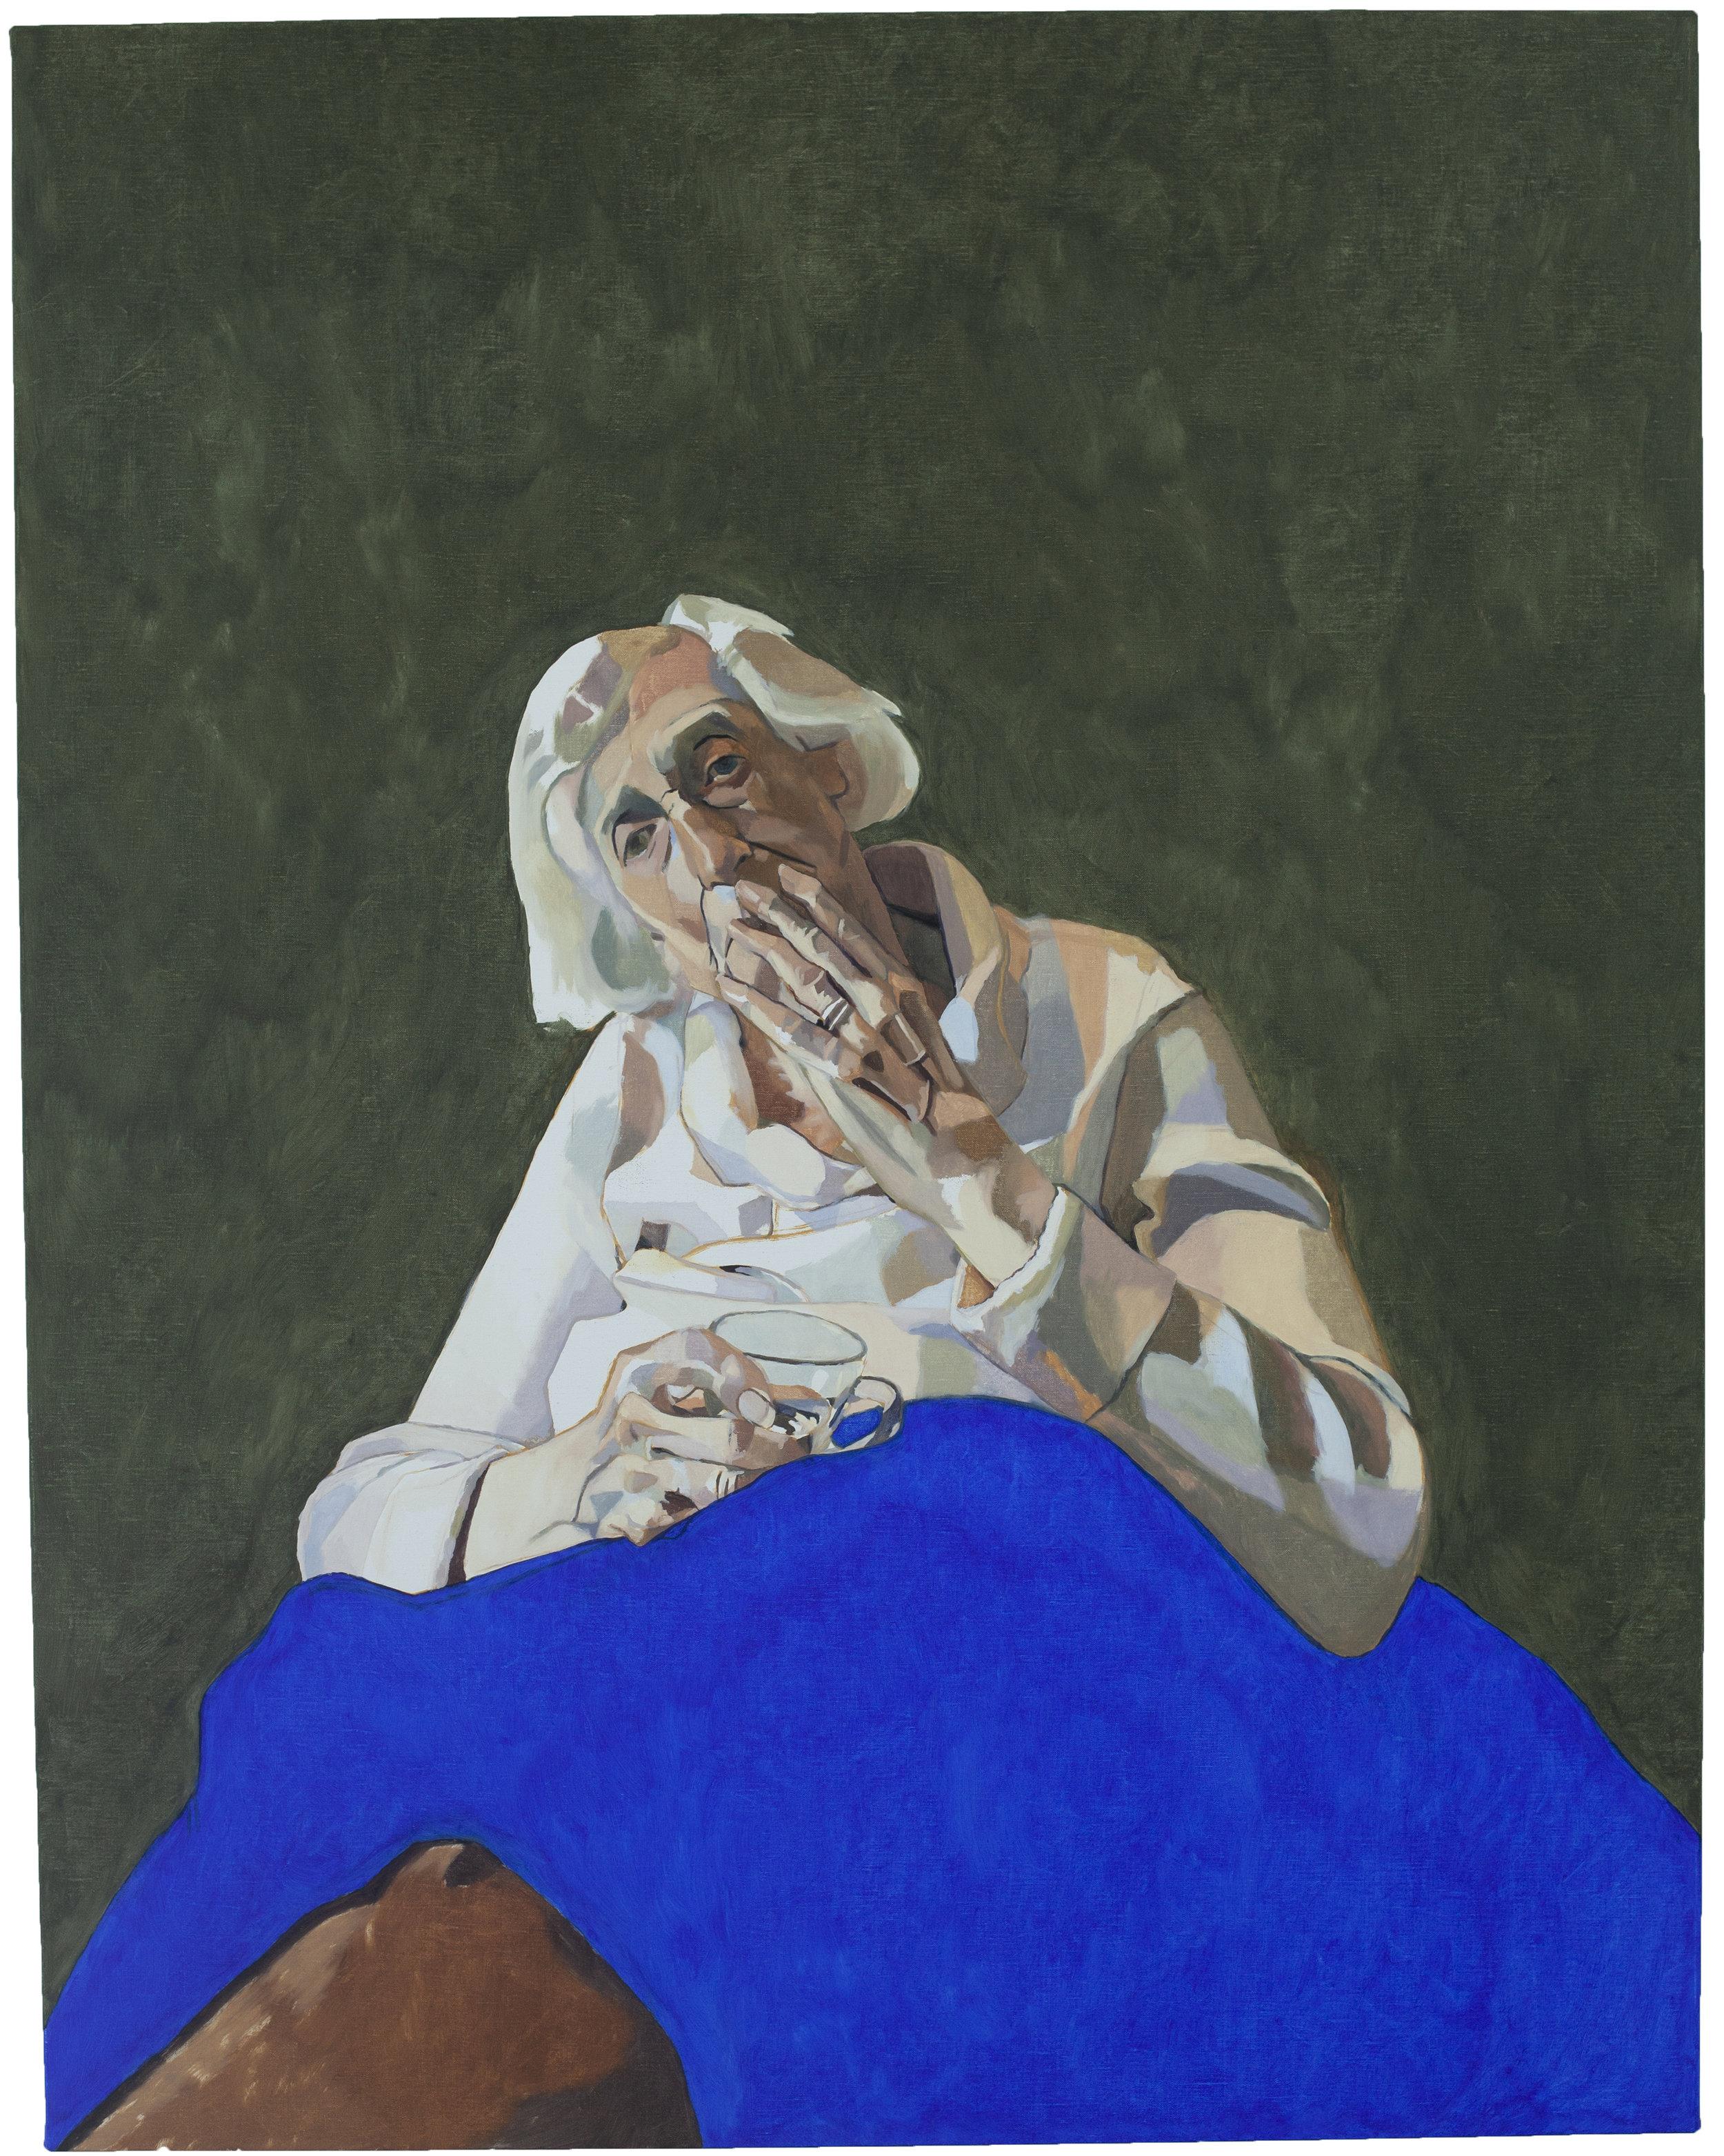 Grandma and Blue Blanket